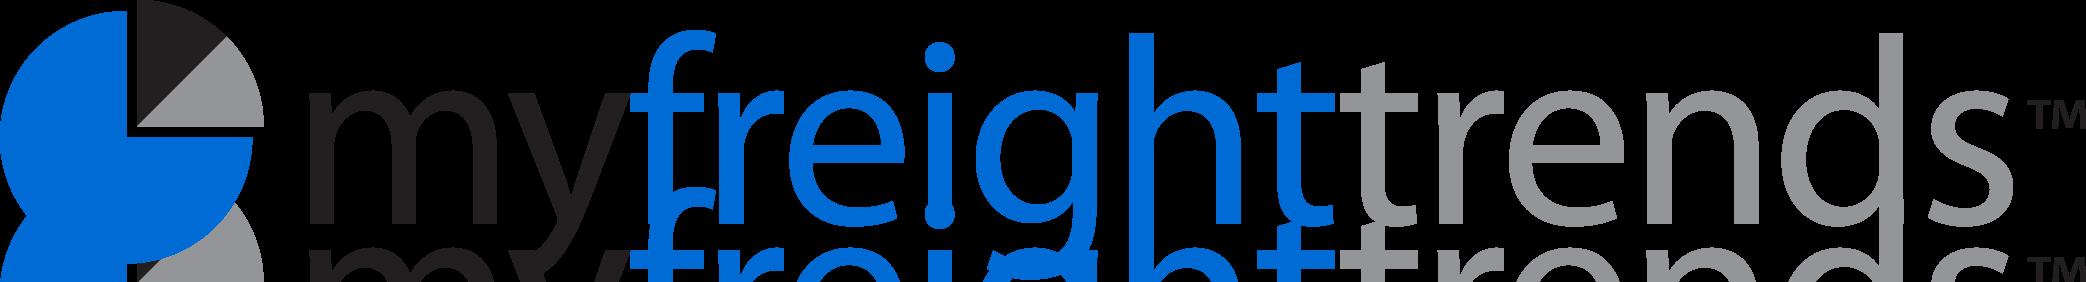 MyFreightTrends Logo